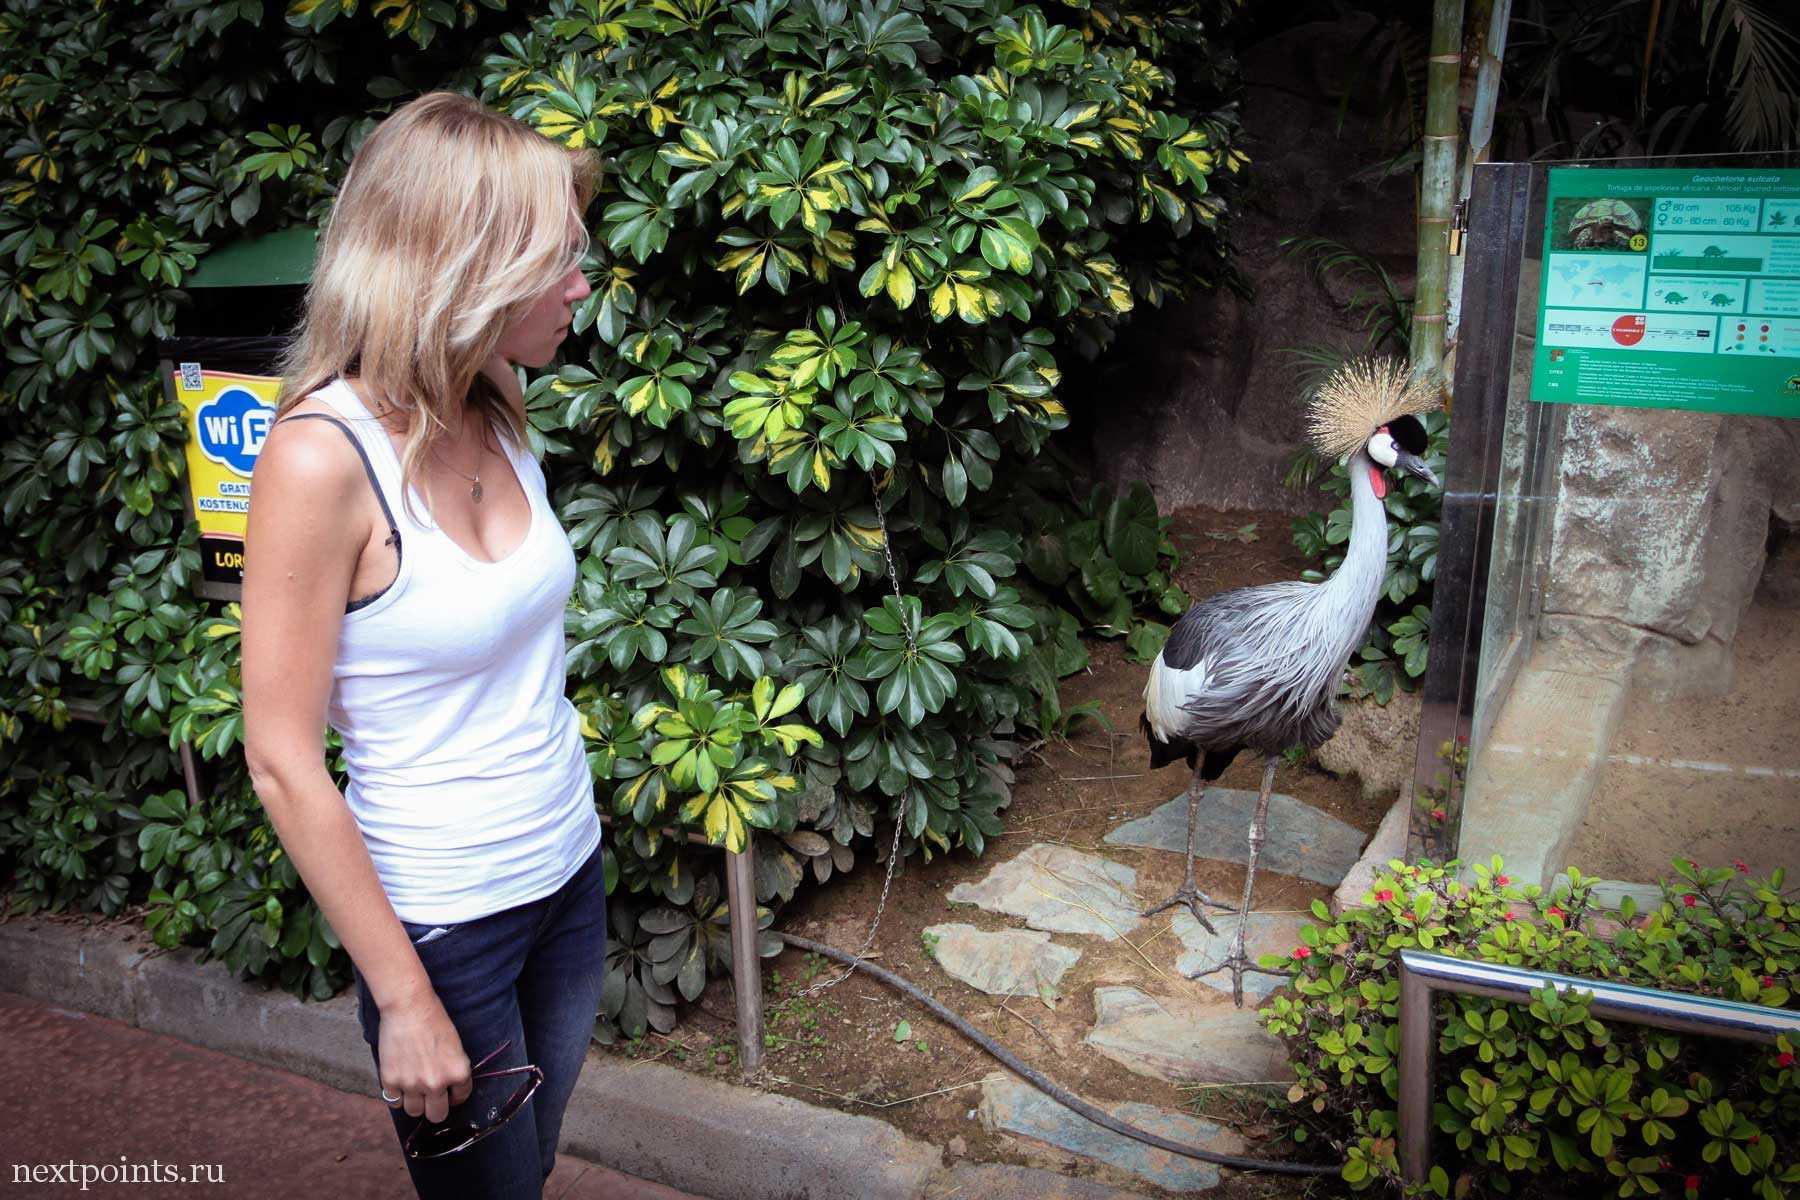 Венценосный журавль спокойно гуляет по Лоро Парку